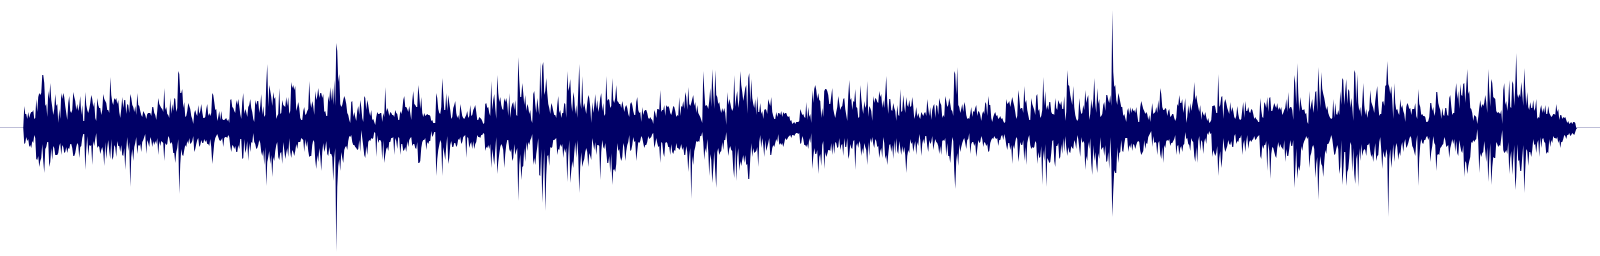 waveform of track #129070